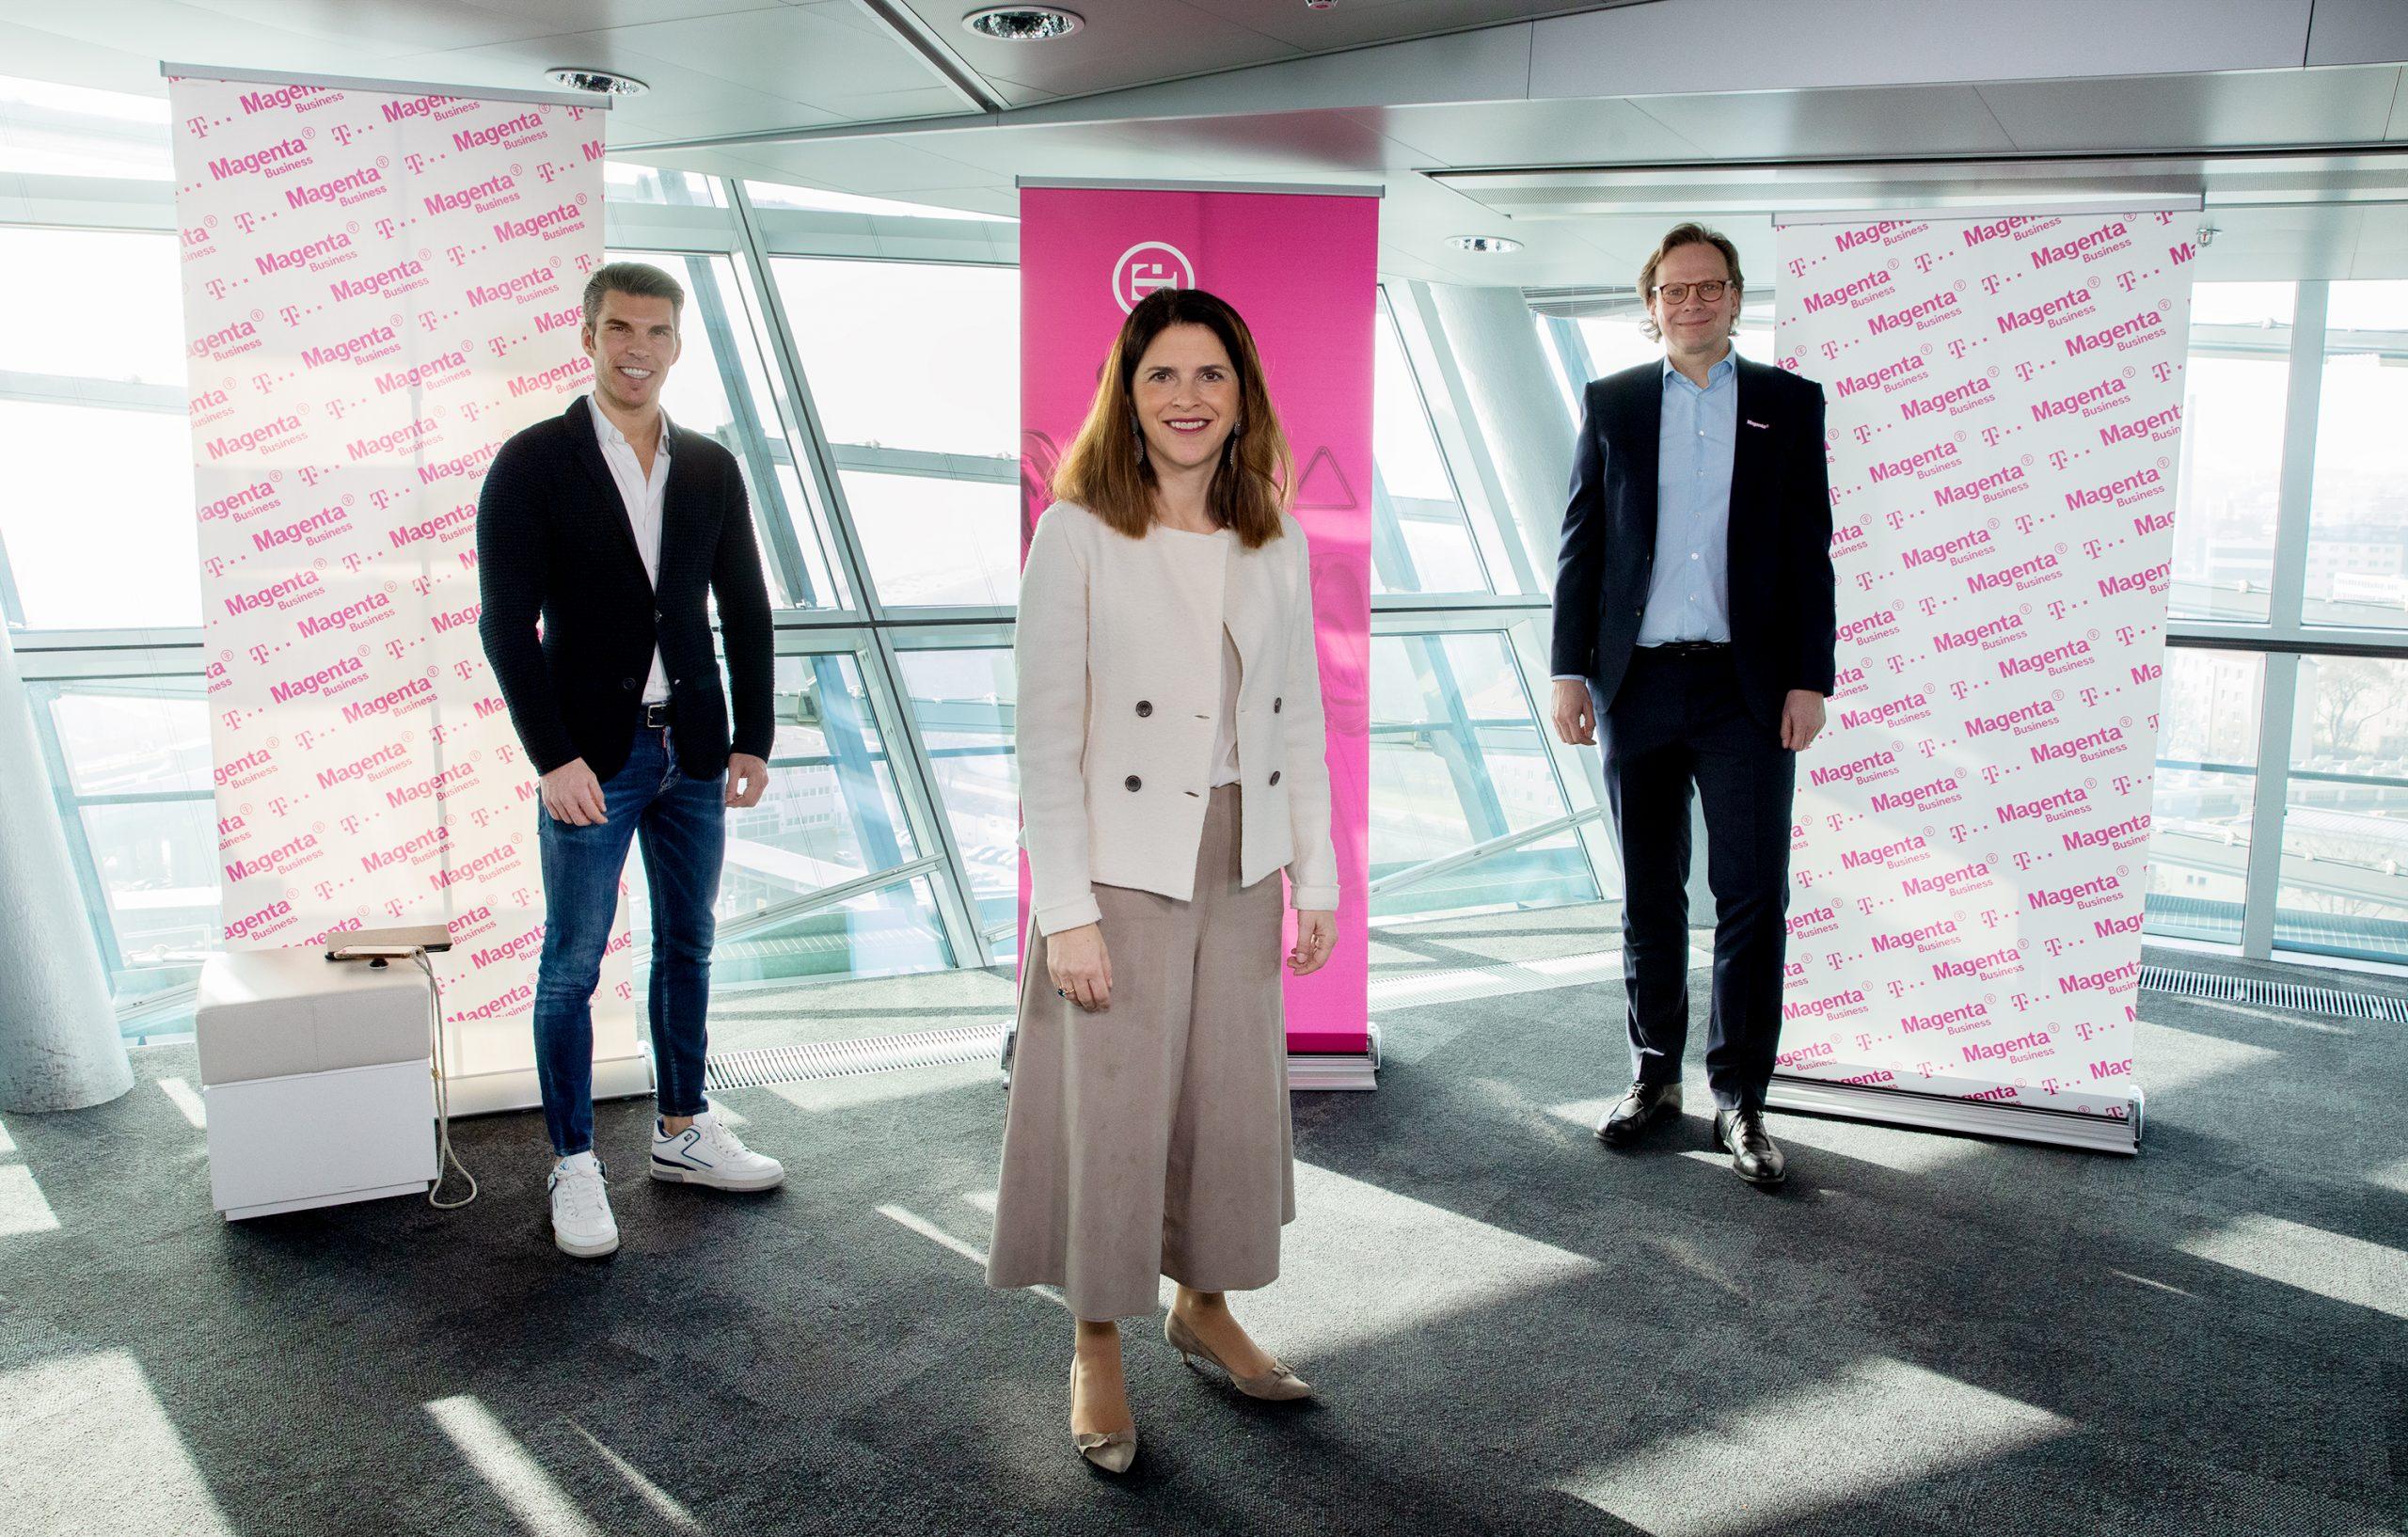 T-Breakfast zur digitalen Transformation: Wie können Unternehmen jetzt profitieren